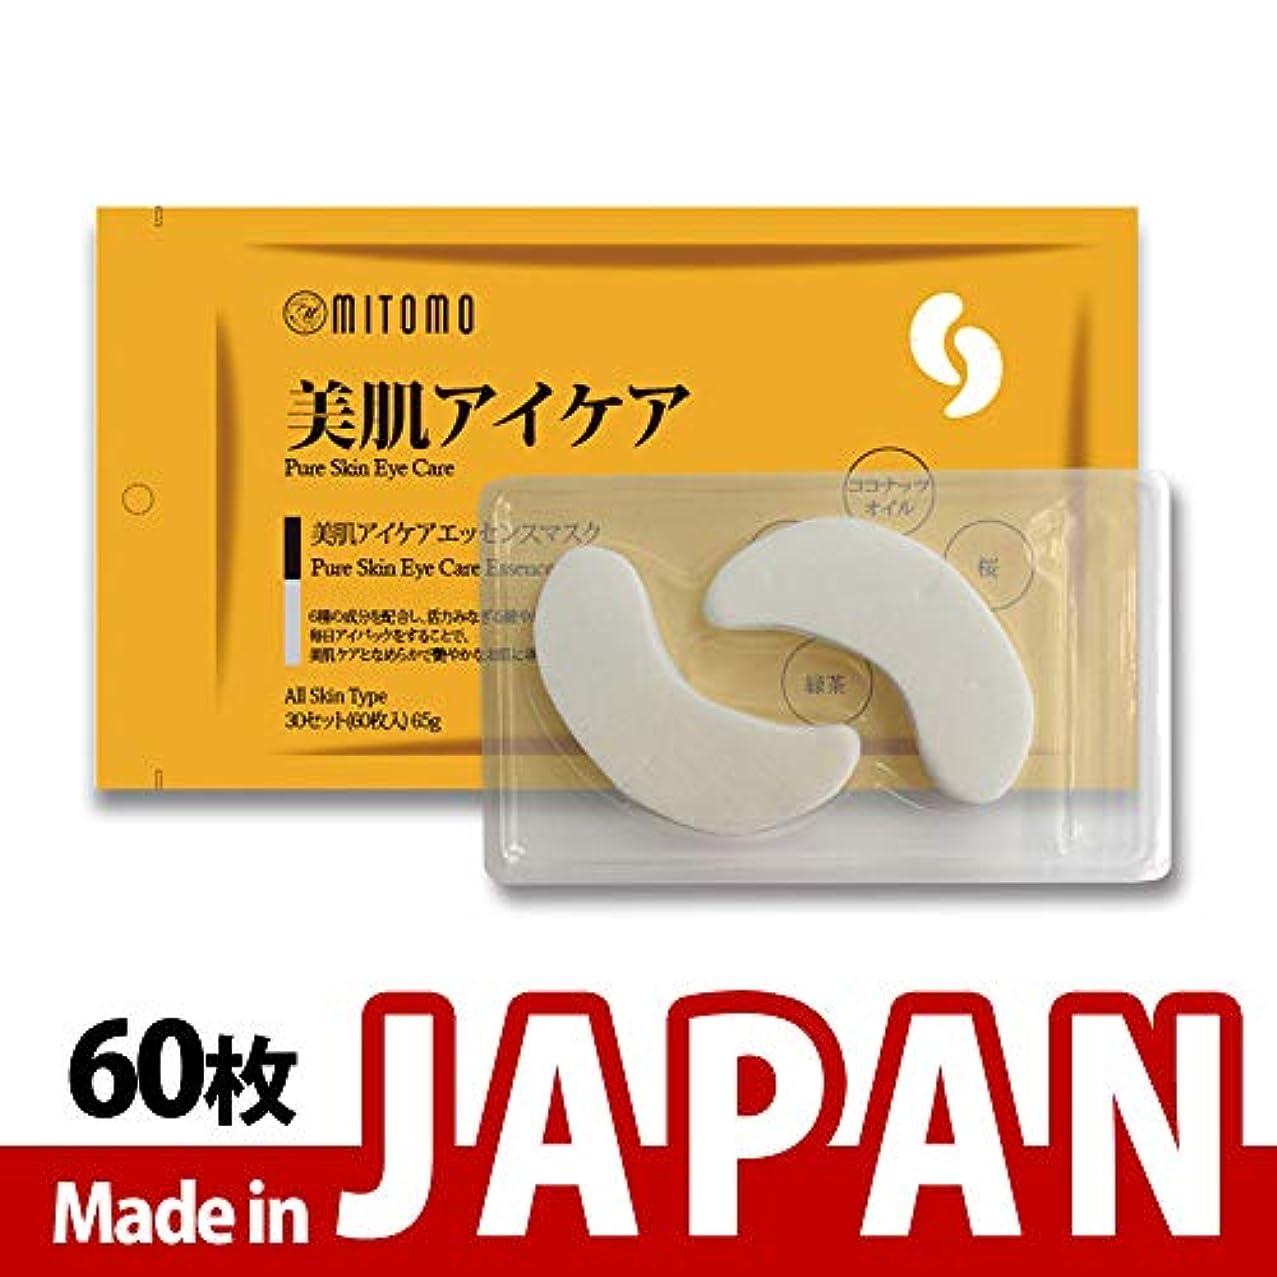 マークされた破滅的な銀河MITOMO【MC005-A-0】日本製シートマスク/60枚入り/60枚/美容液/マスクパック/送料無料